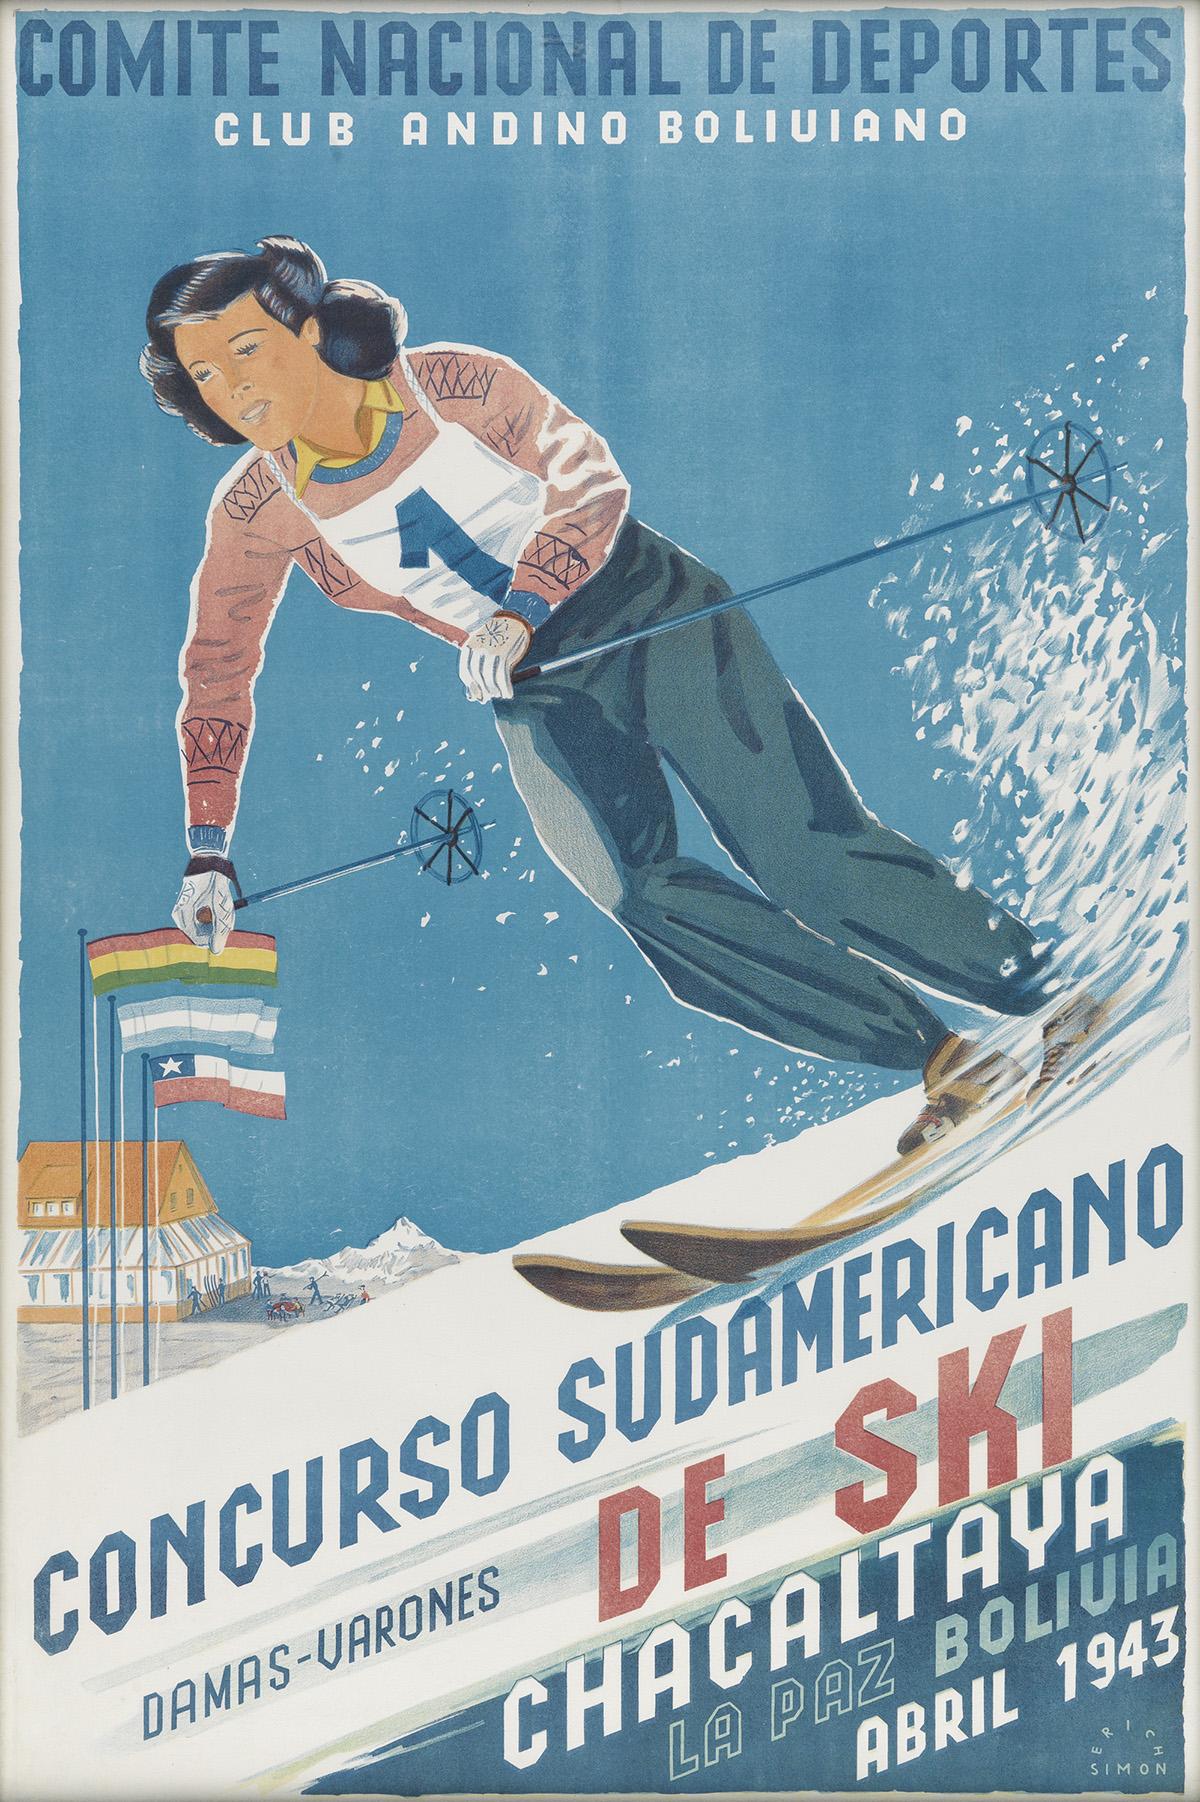 ERICH SIMON (DATES UNKNOWN). CONCURSO SUDAMERICANO DE SKI. 1943. 28x18 inches, 72x47 cm.